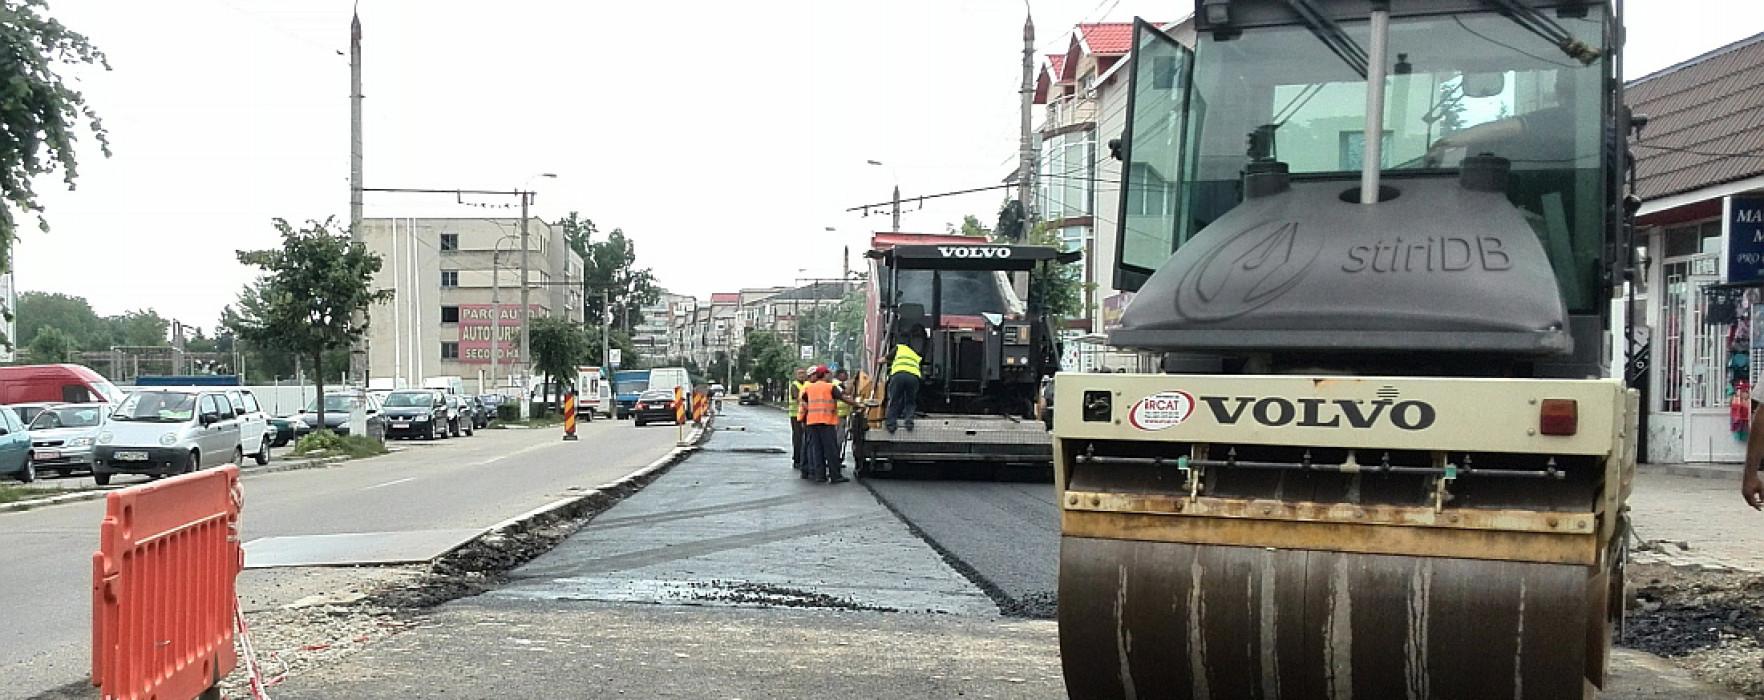 Lucrările pe Bulevardul I.C. Brătianu din Târgovişte se vor finaliza în august